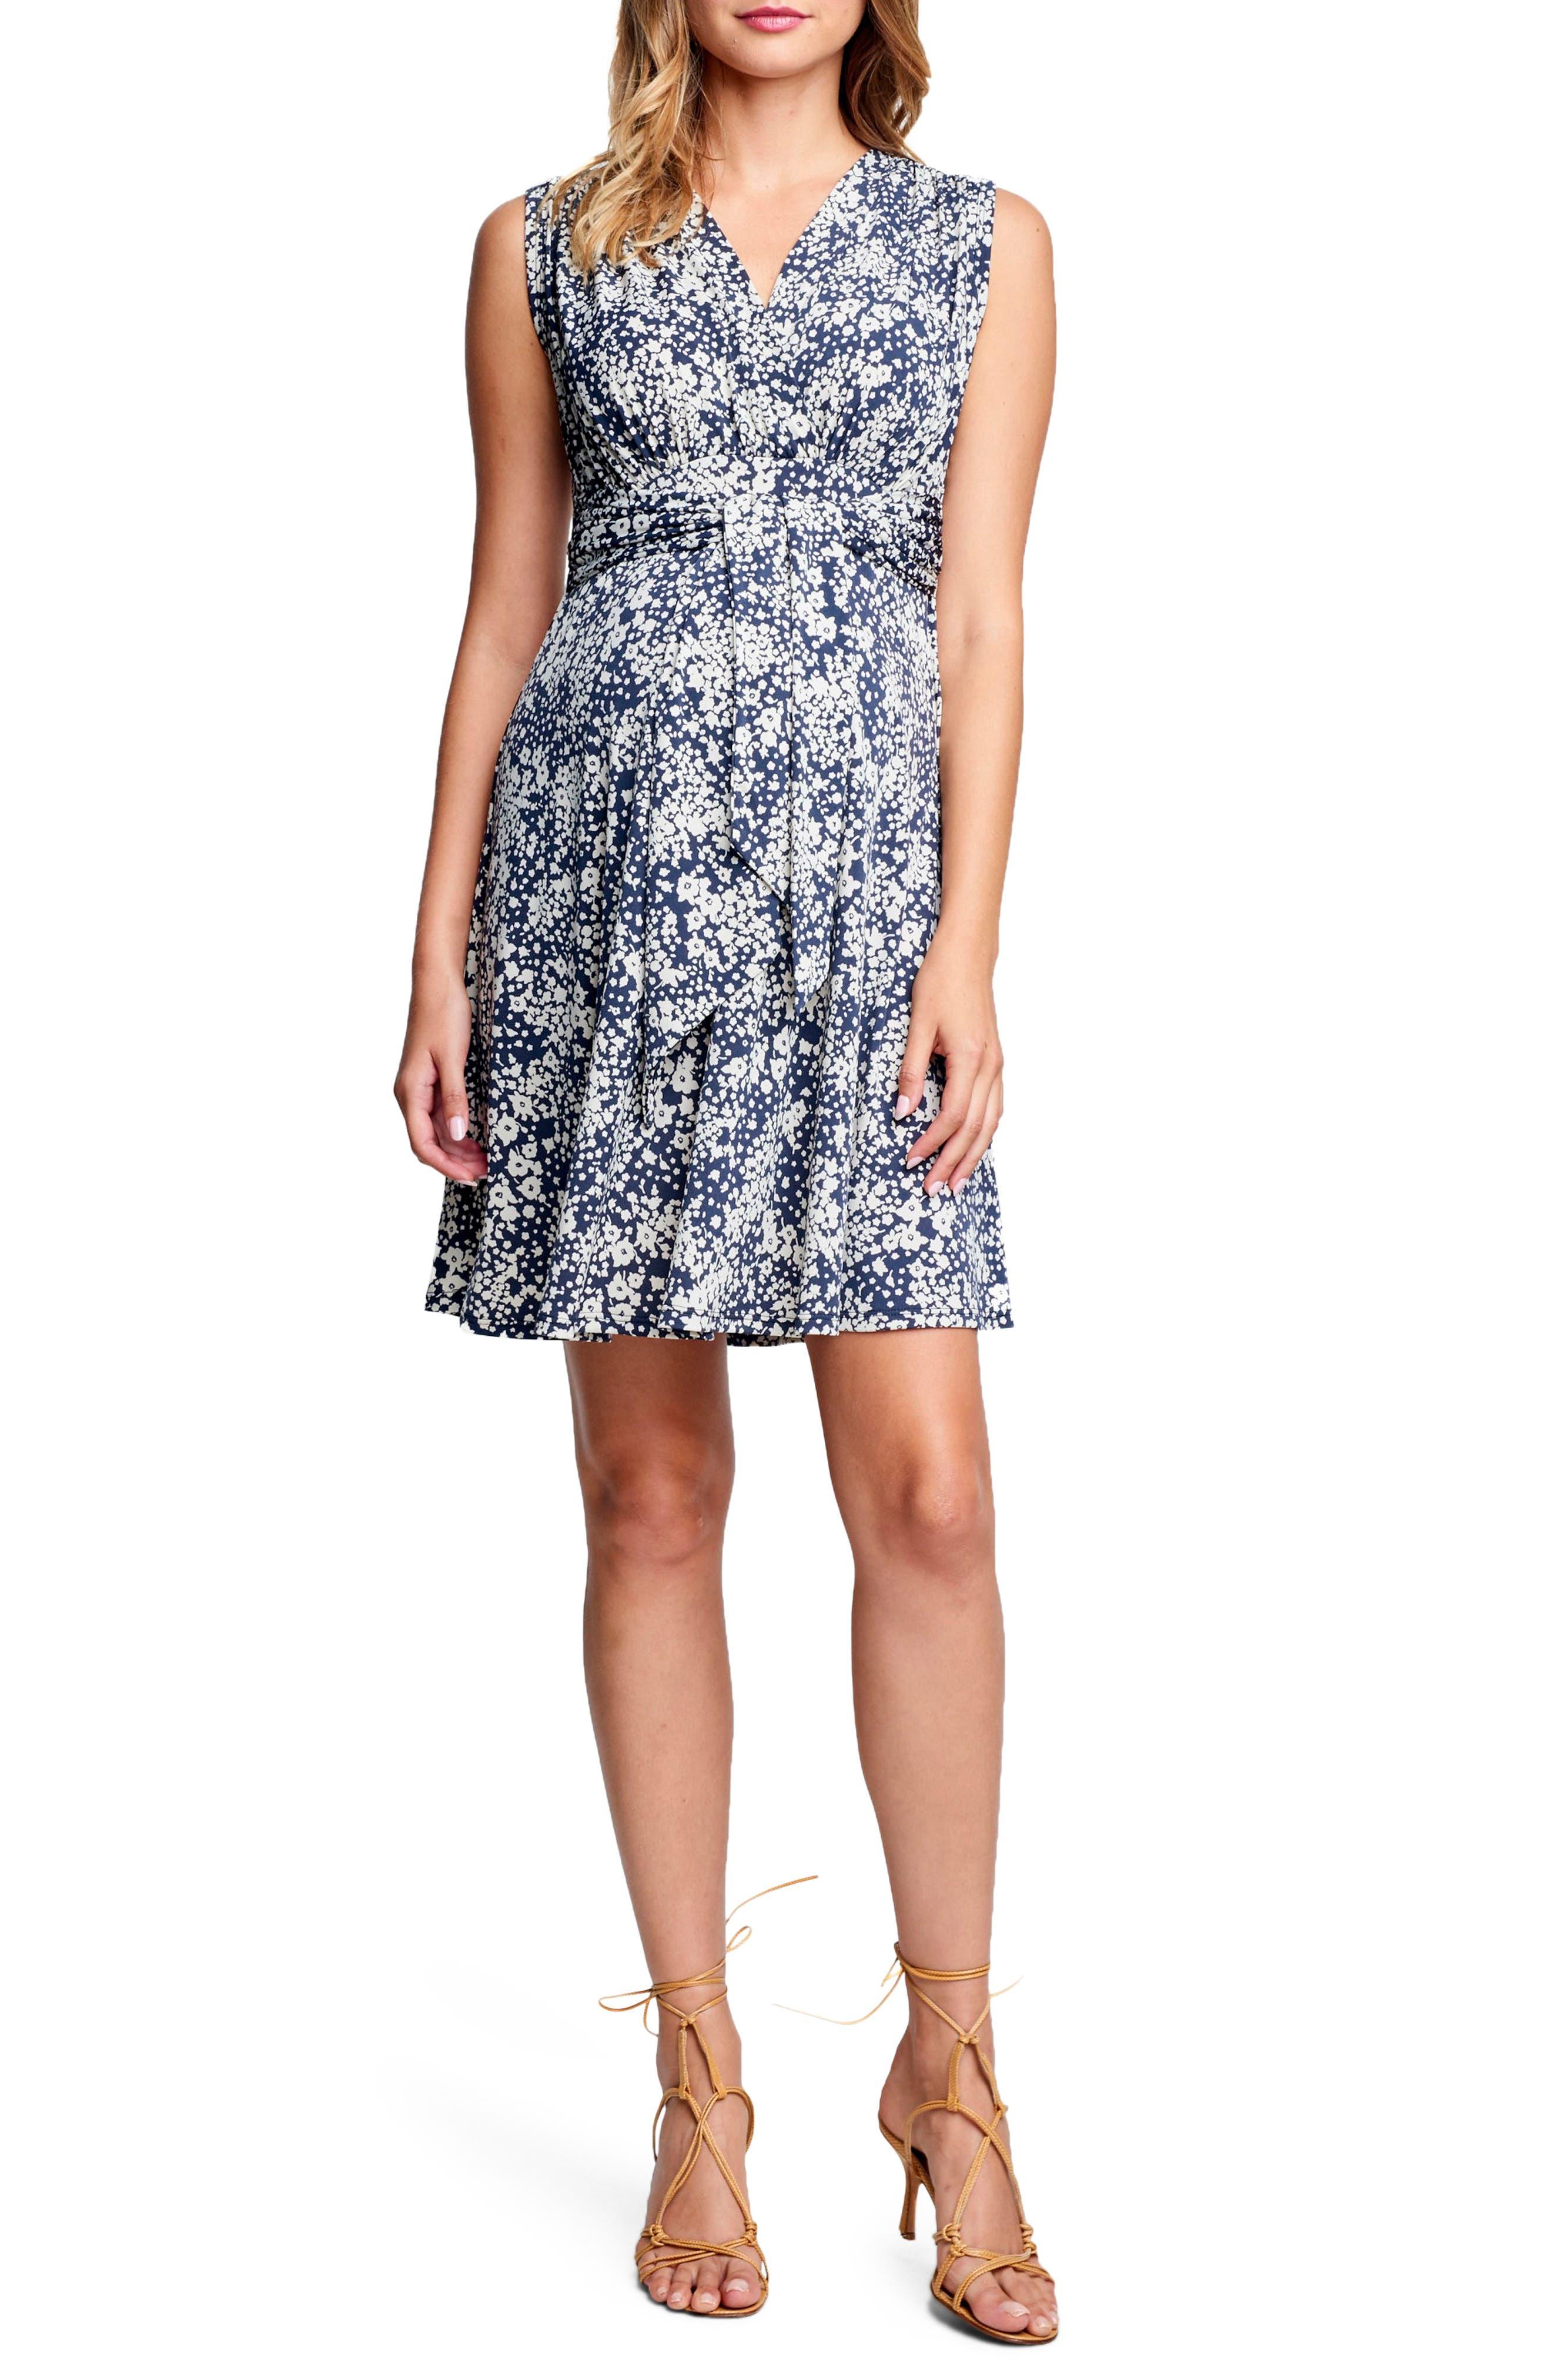 8f6a5ac657 Women s Empire Waist Dresses